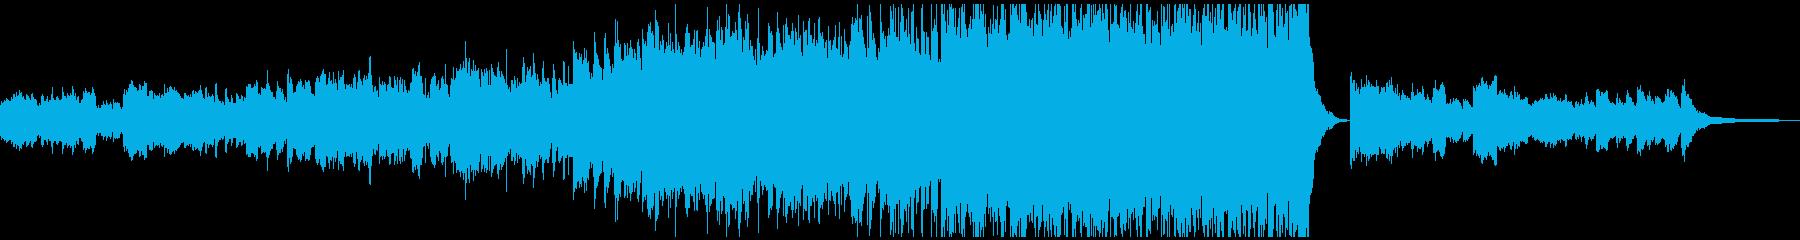 電気音響シンフォニー 広い 壮大 ...の再生済みの波形